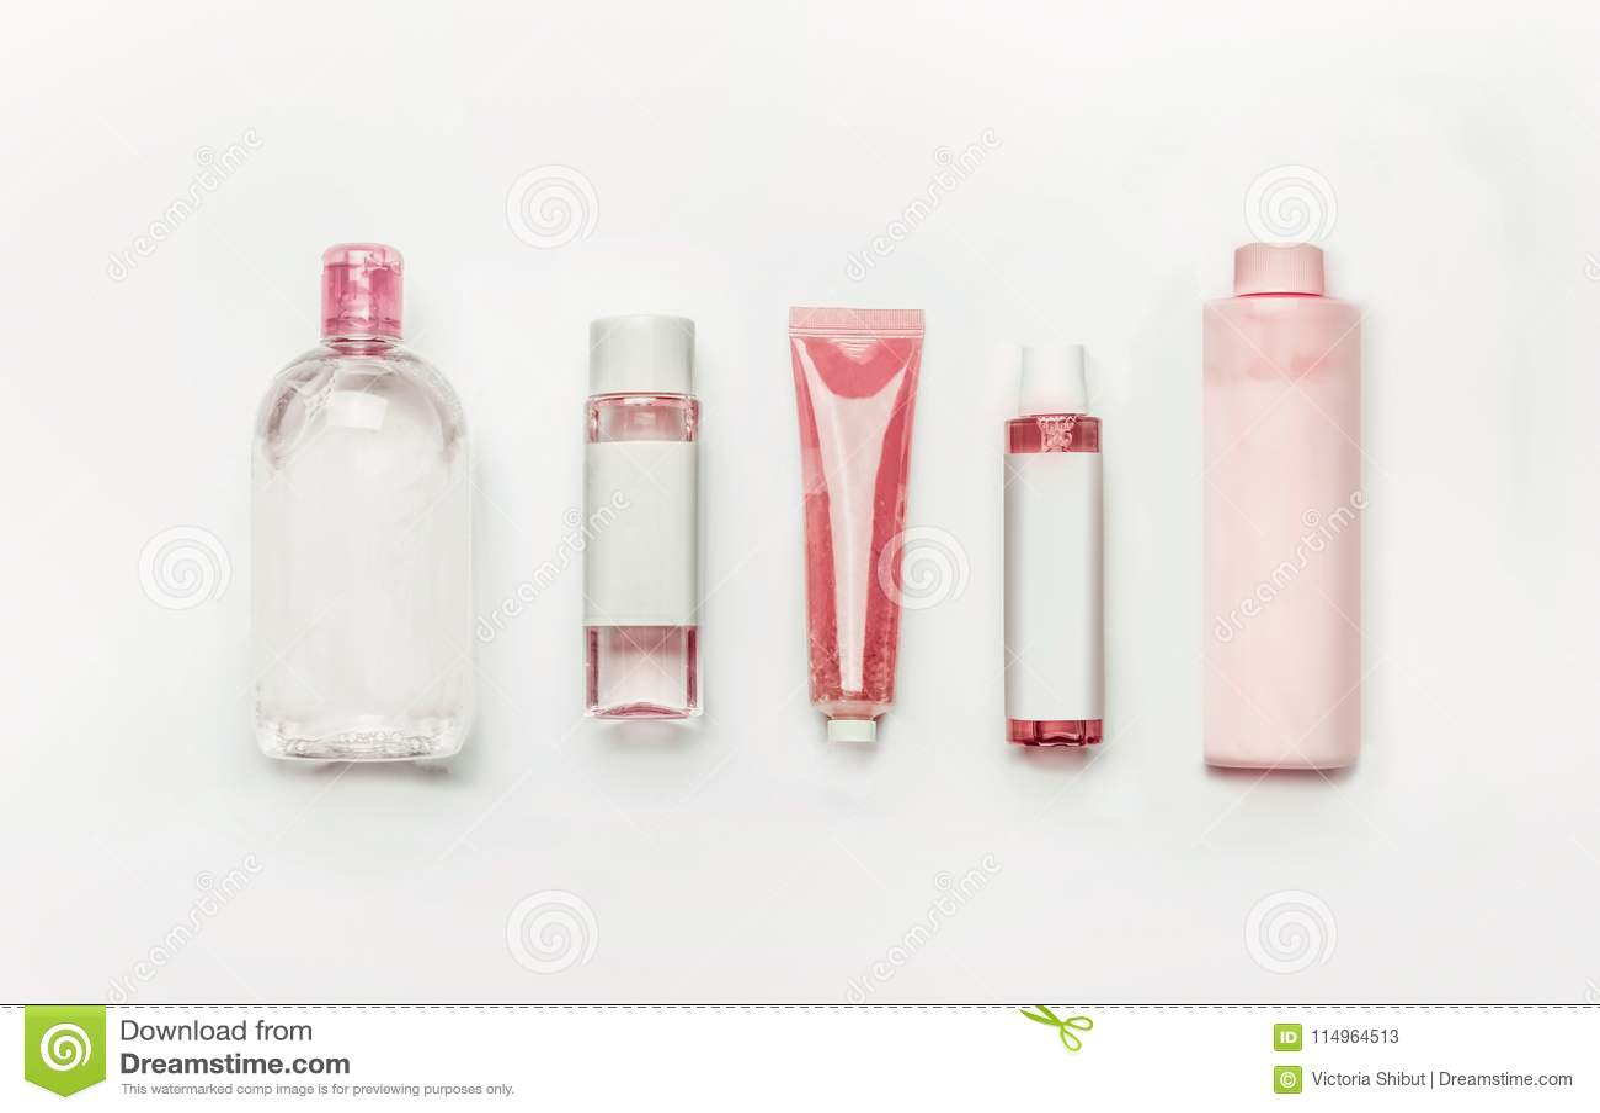 Roze natuurlijke cosmetischee producten: gel, lotion, serum, micellar water en toner, flessen en buizen met omhoog het brandmerke